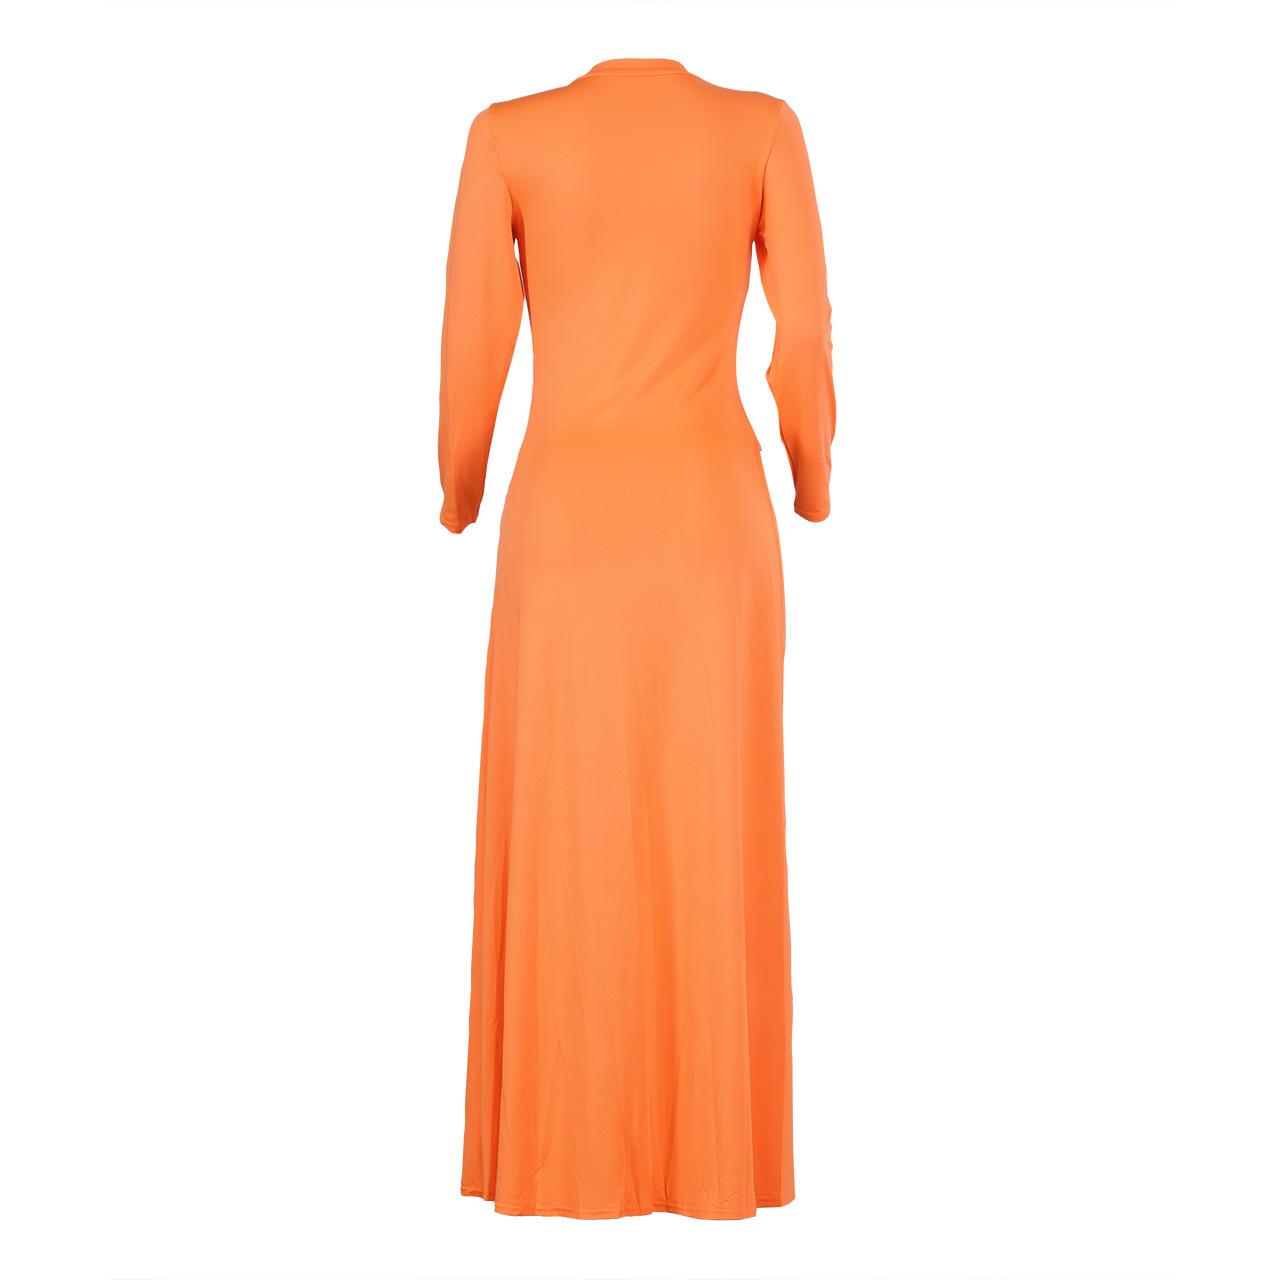 Lovely Casual Irregularity Orange Blouse